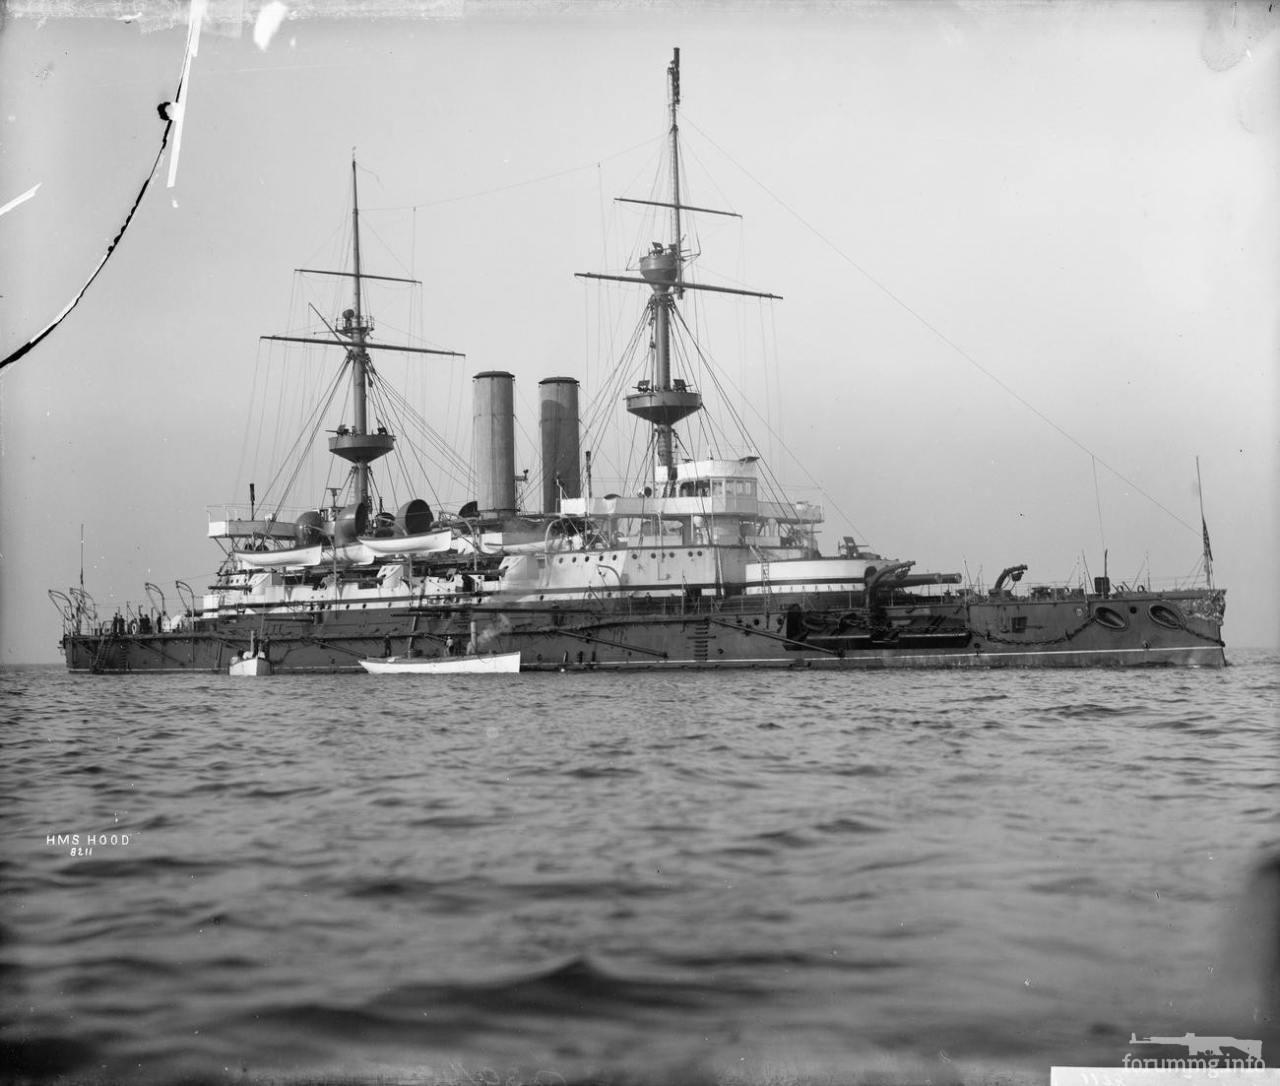 115973 - Броненосцы, дредноуты, линкоры и крейсера Британии